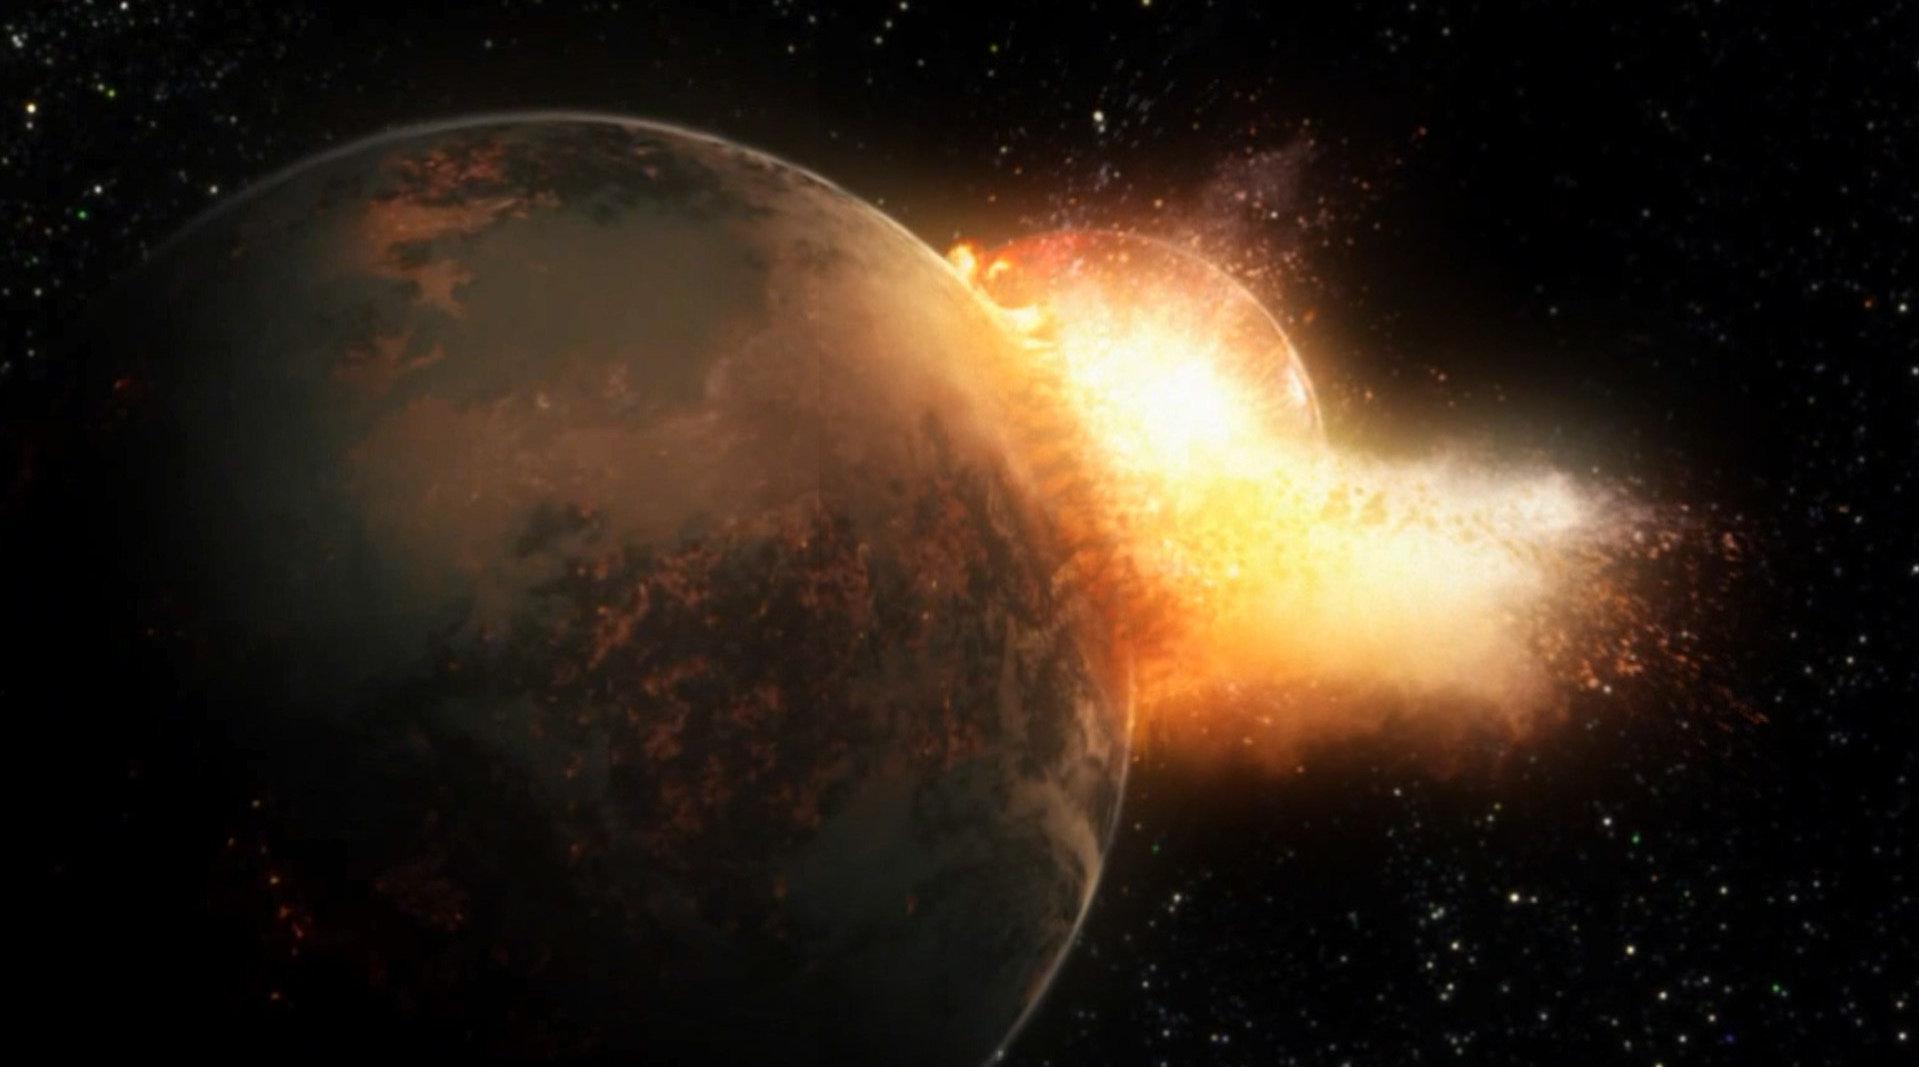 远古时代,地球与另一行星天地大冲撞,后果却让人大呼惊喜!